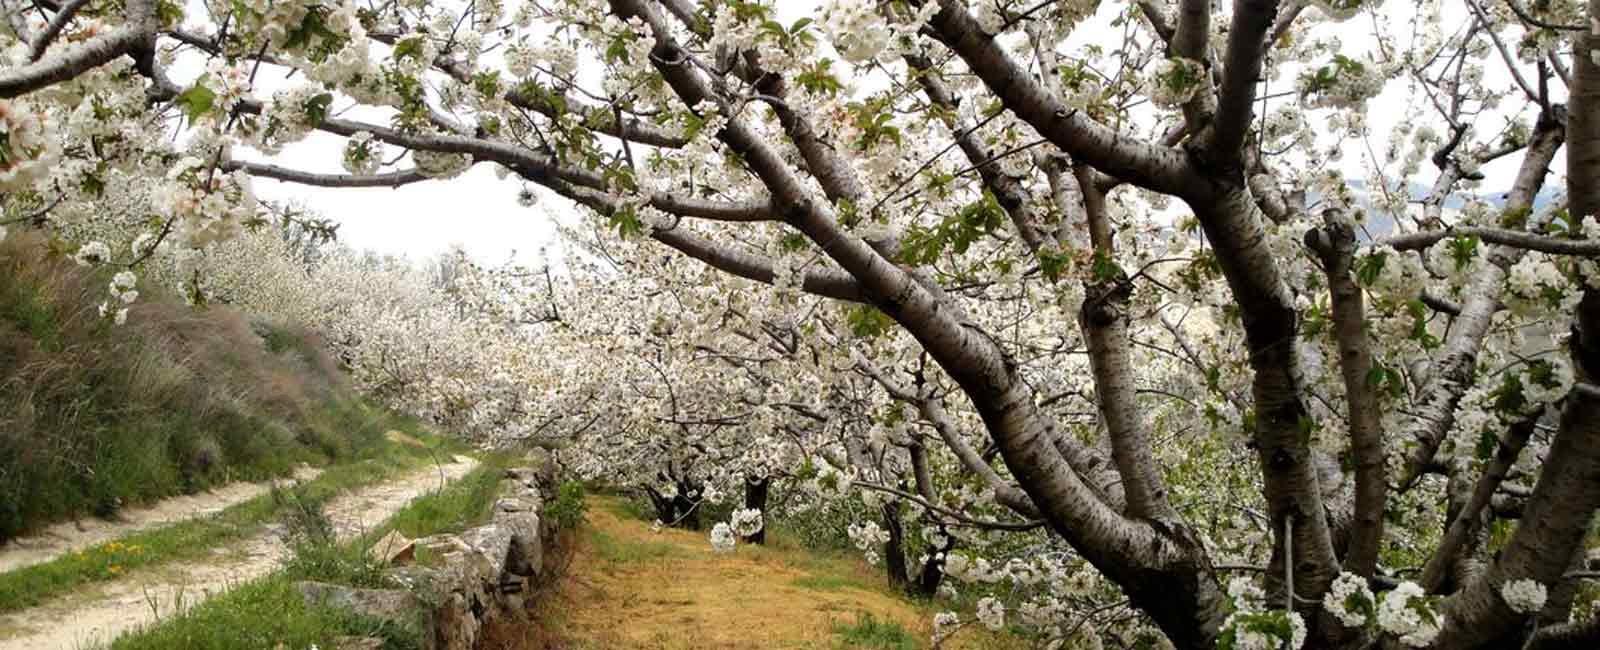 ¡Ya están aquí! Los cerezos del Valle del Jerte ya están en flor